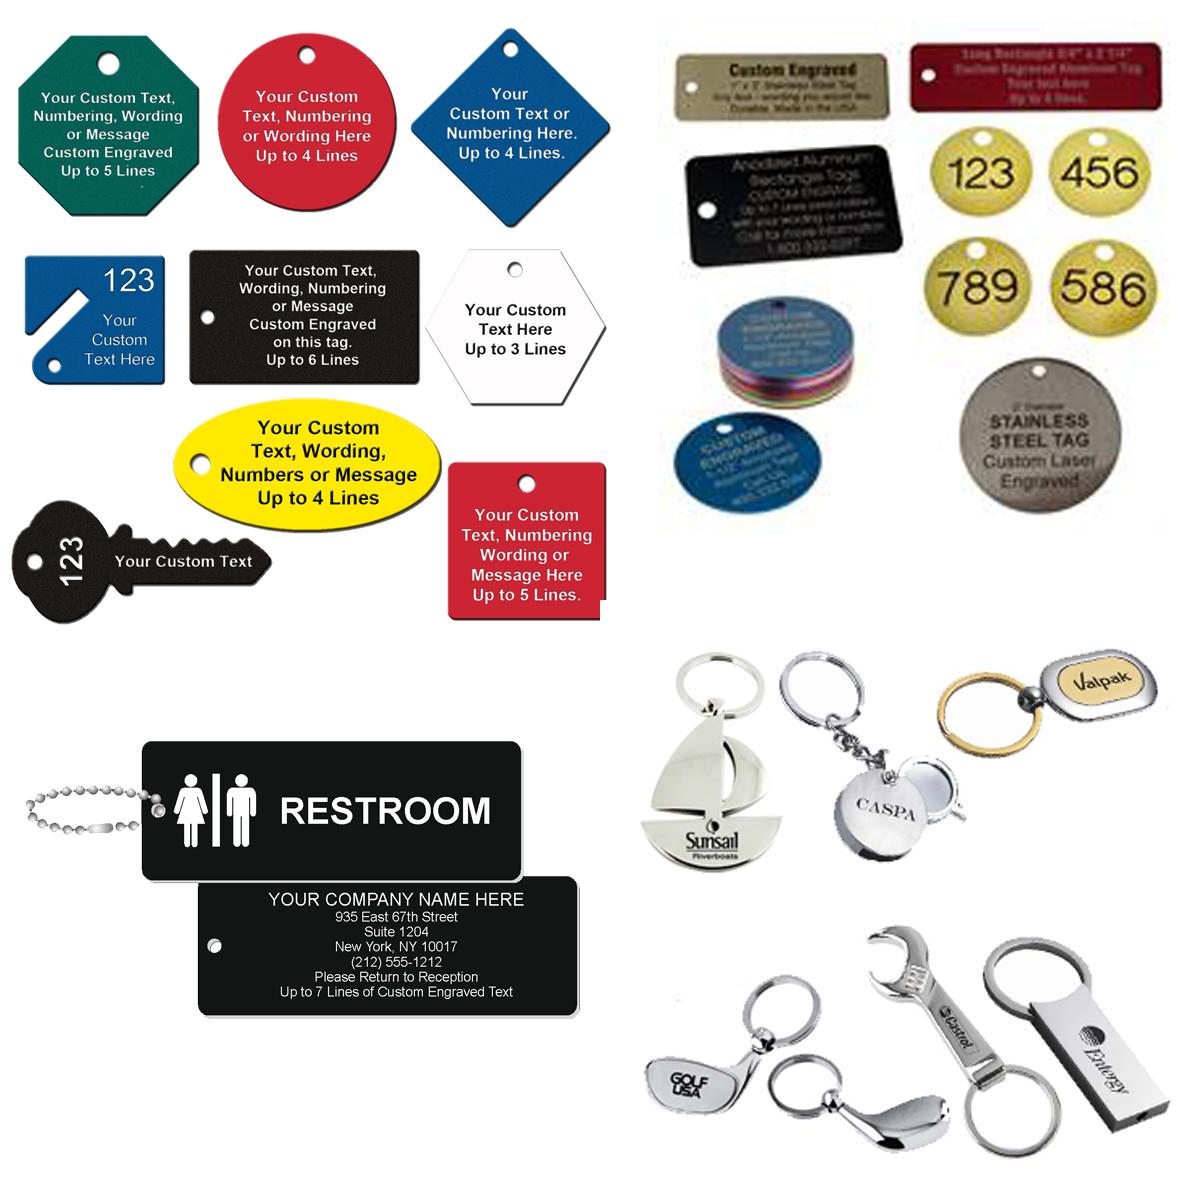 Custom Engraved Key Tags